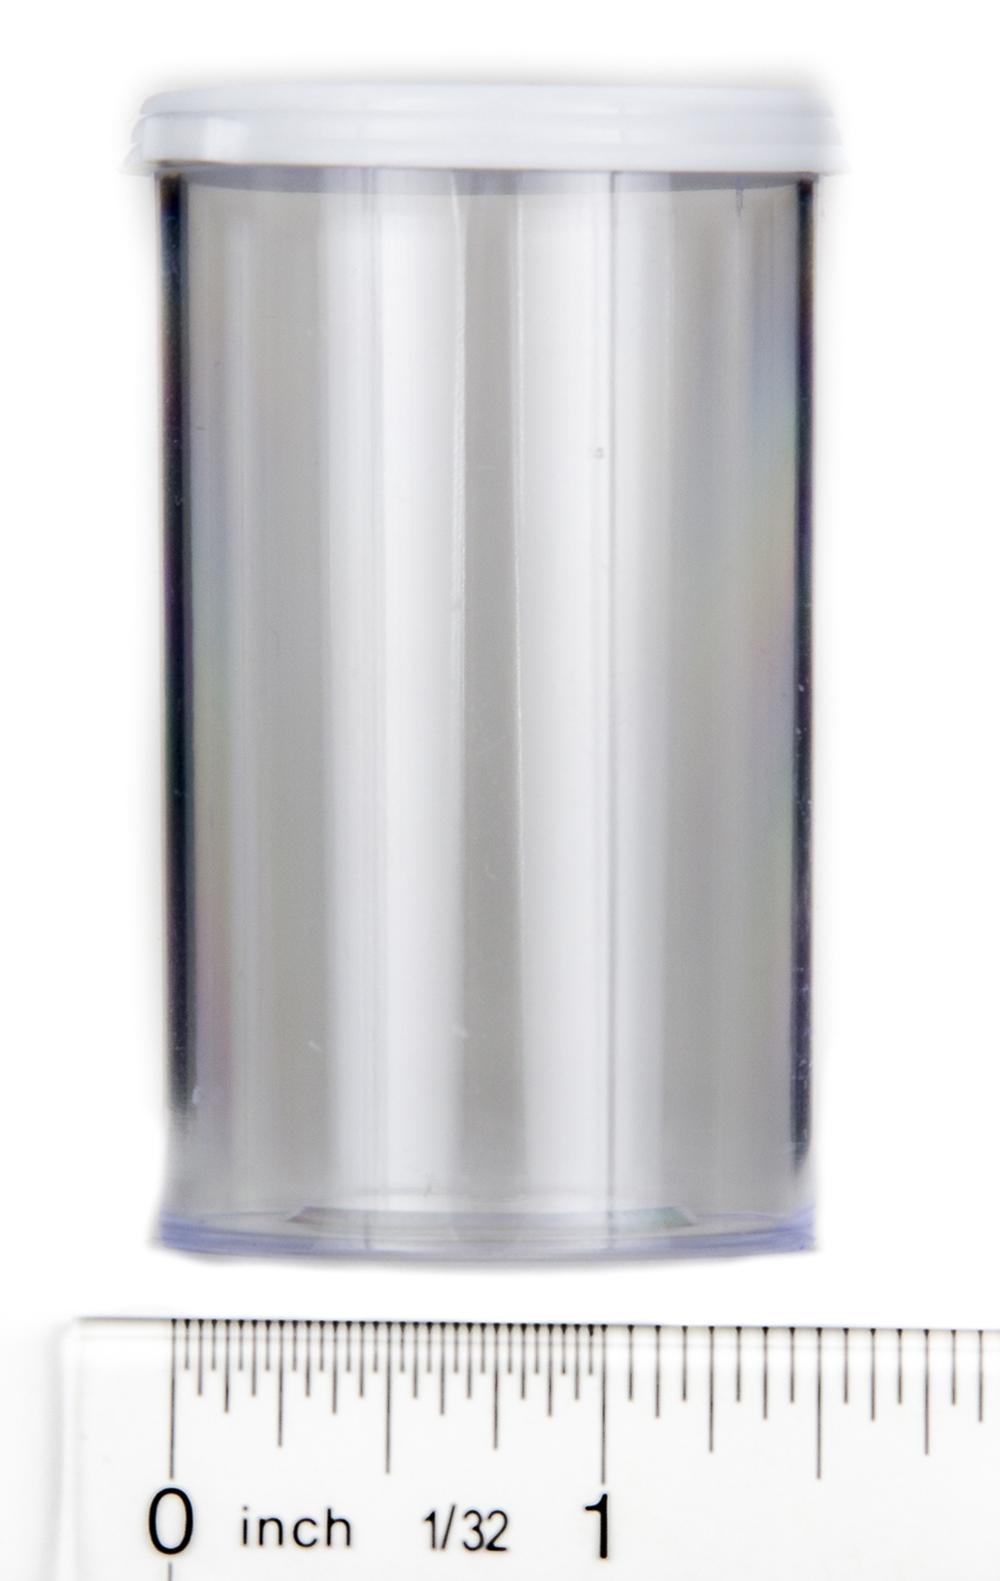 Snap Cap Vials (Clear Plastic, 20 Dram, Pack of 12)